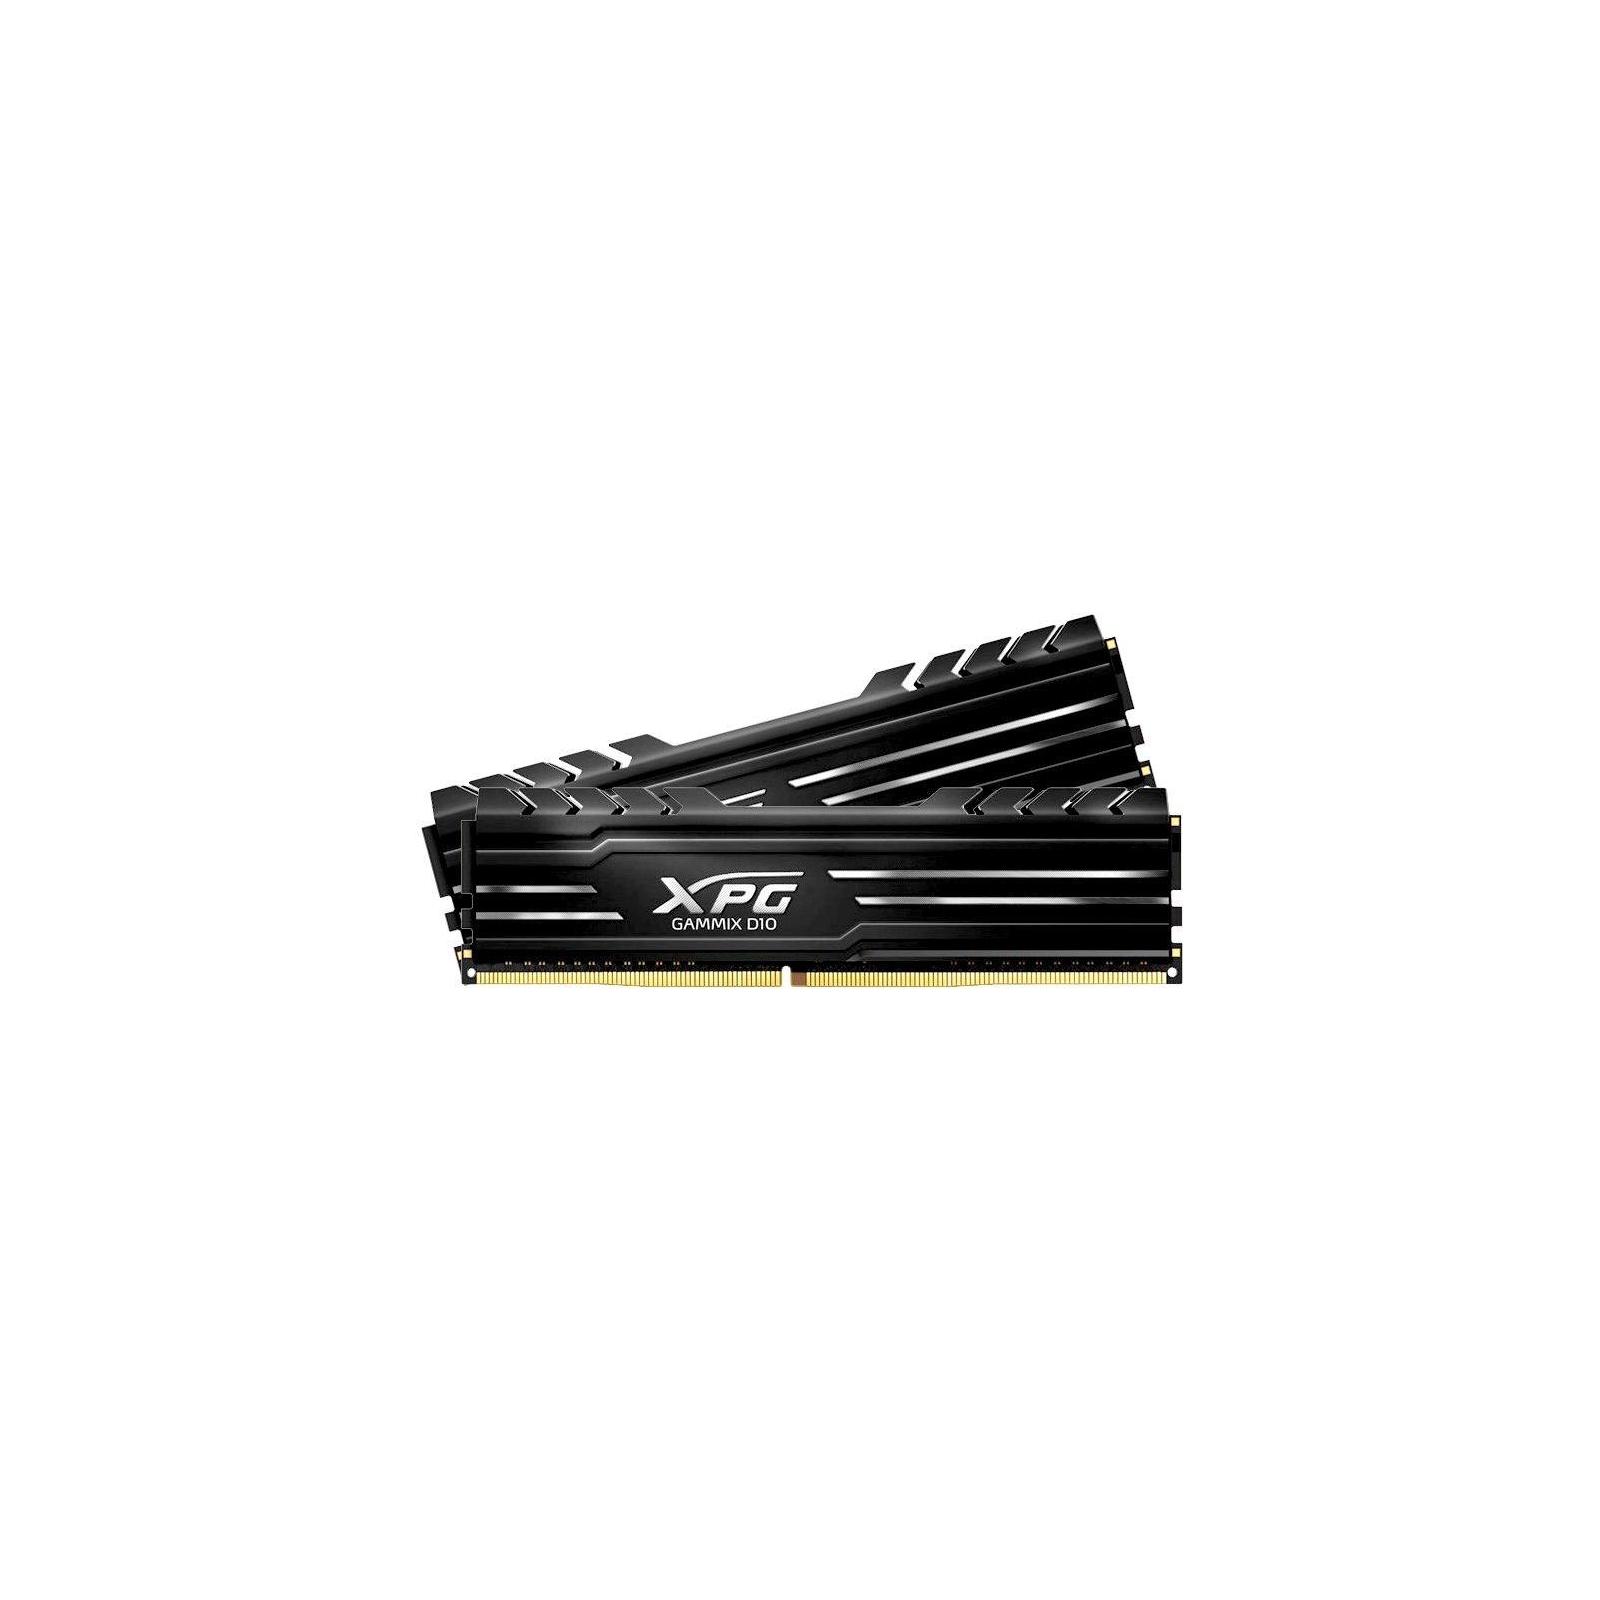 Модуль памяти для компьютера DDR4 32GB (2x16GB) 3200 MHz XPG Gammix D10 Black ADATA (AX4U3200316G16-DB10) изображение 2